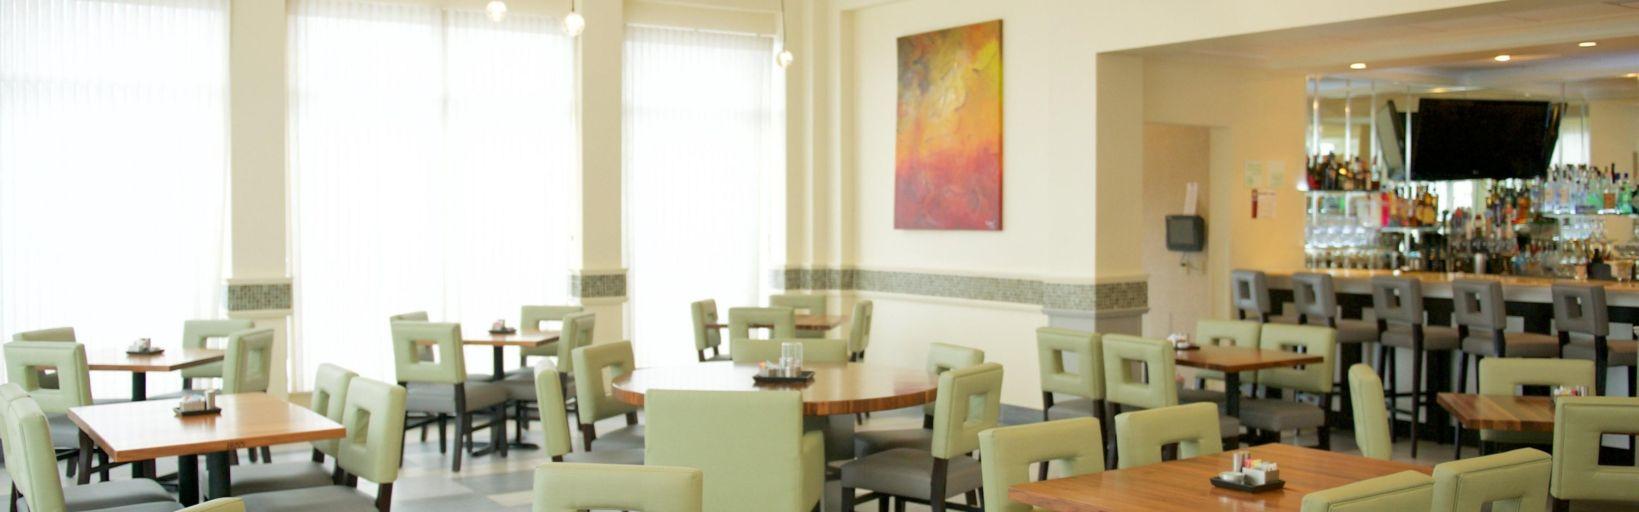 Restaurants Near Holiday Inn Effingham